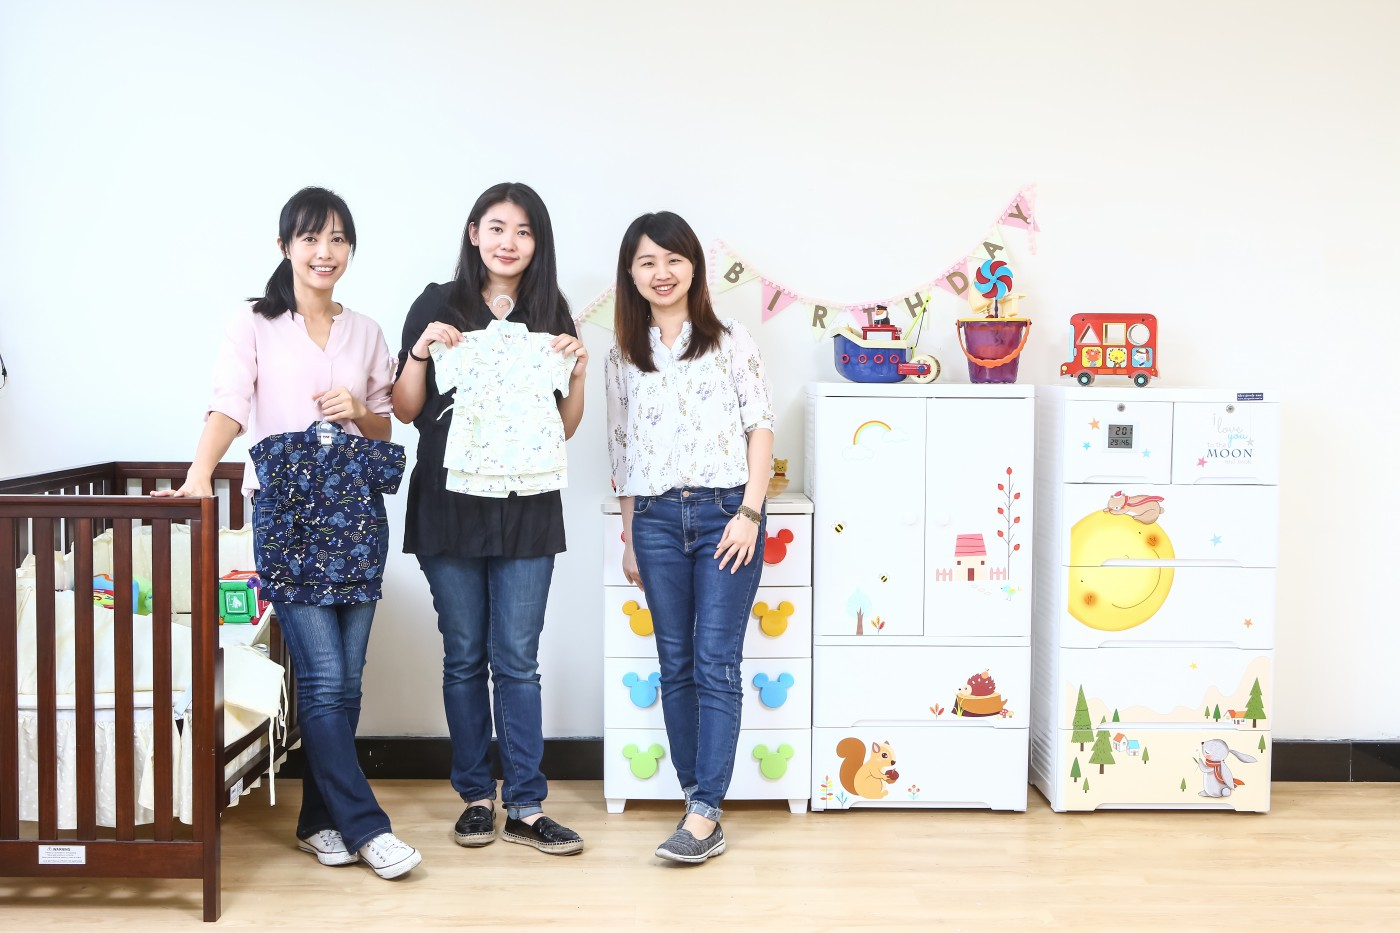 母嬰電商「媽咪愛」宣佈與日本最大婦嬰連鎖通路「阿卡將本舖」合作